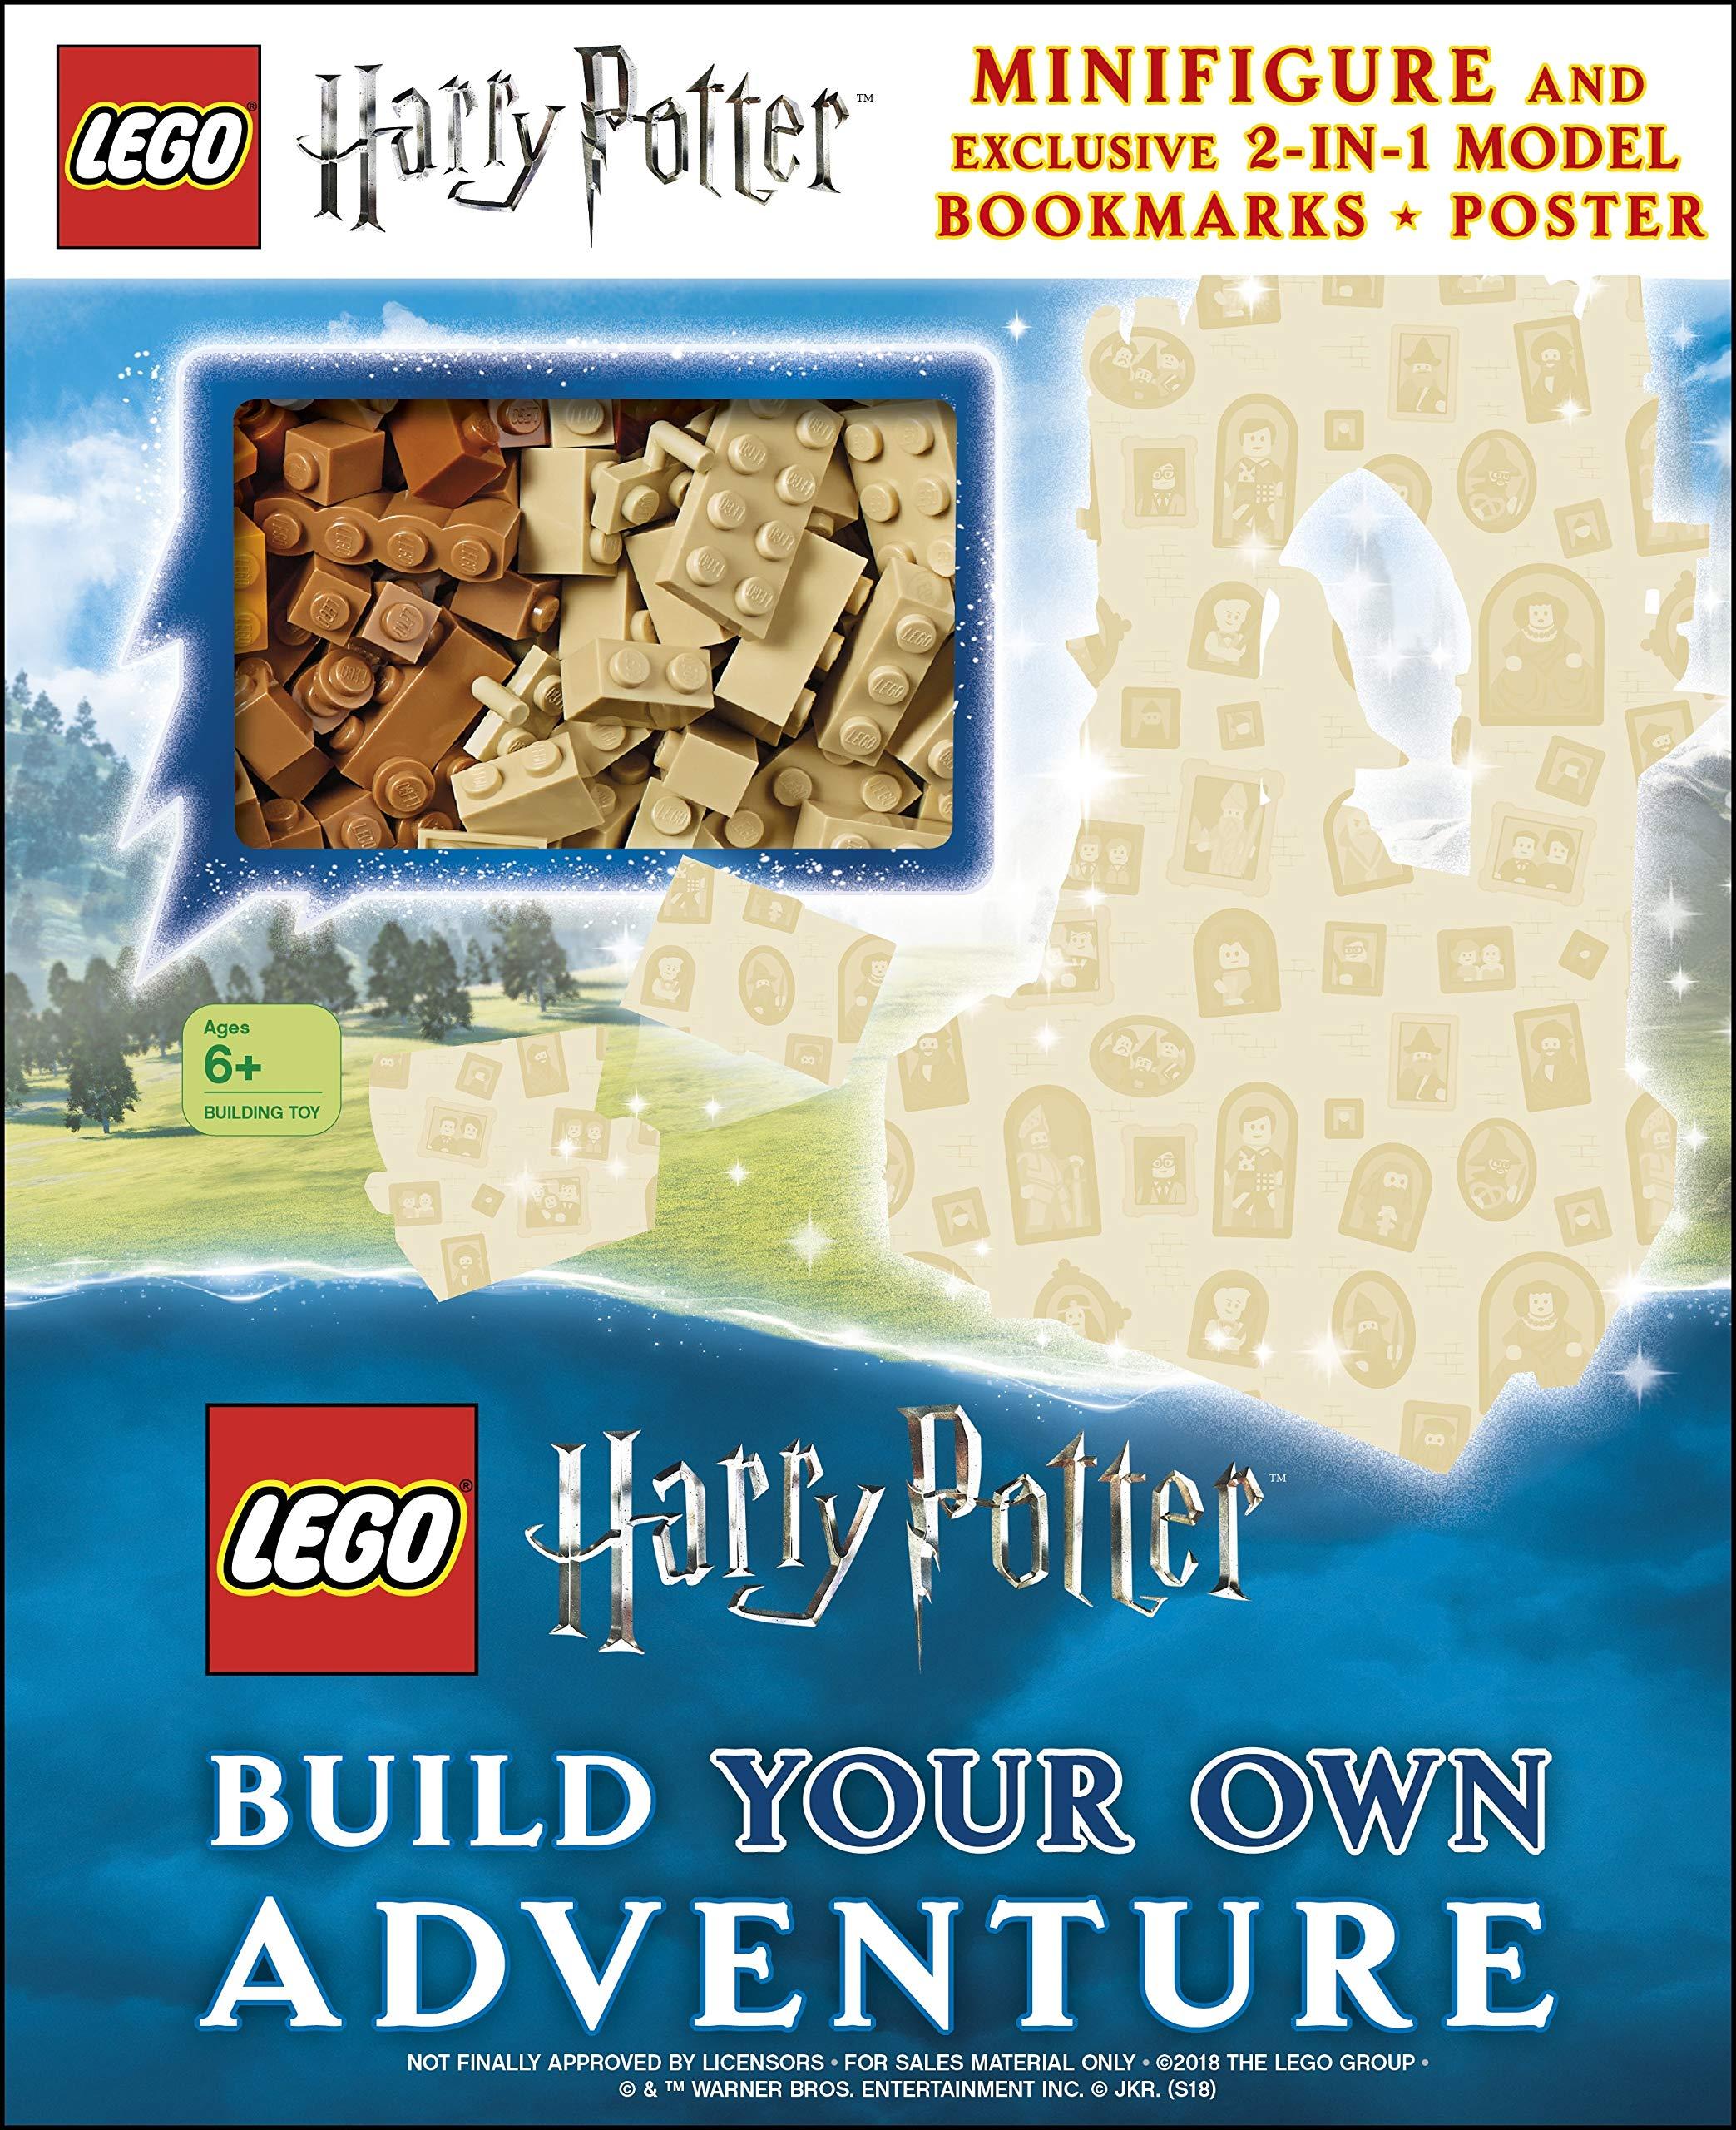 Construisez votre propre aventure LEGO Harry Potter en 2019 !